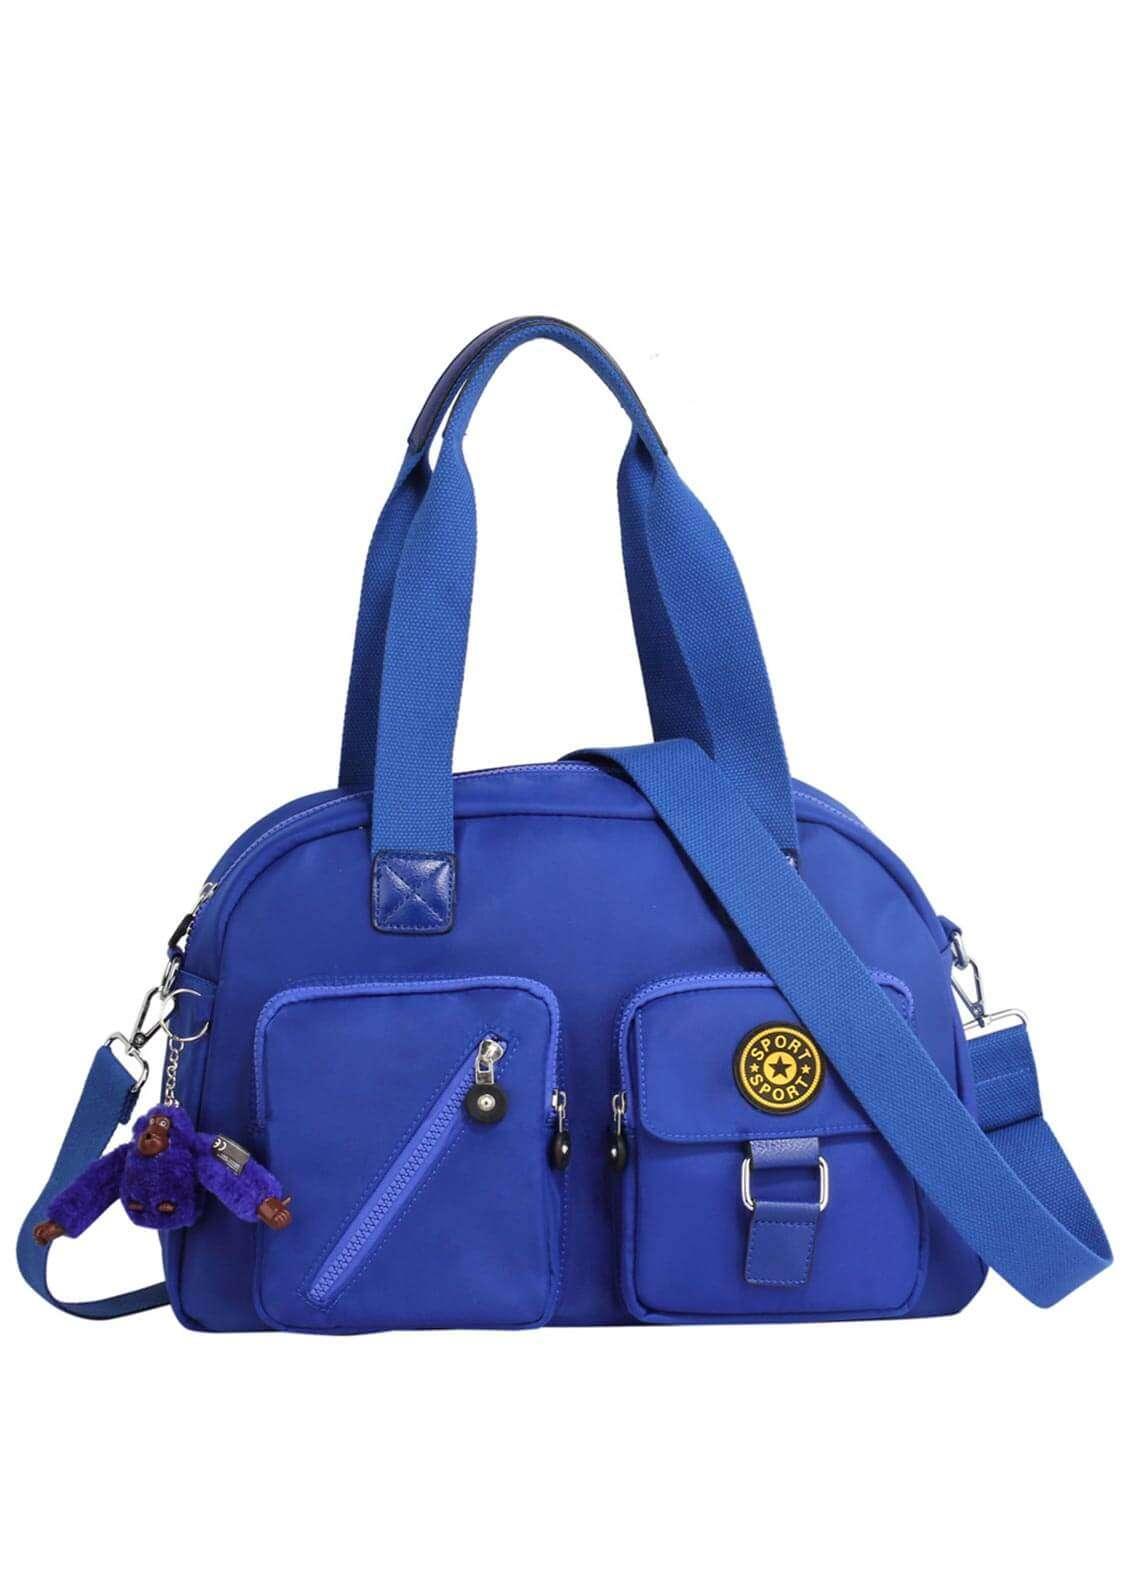 Anna Grace London Faux Leather Shoulder Bags for Woman - Blue